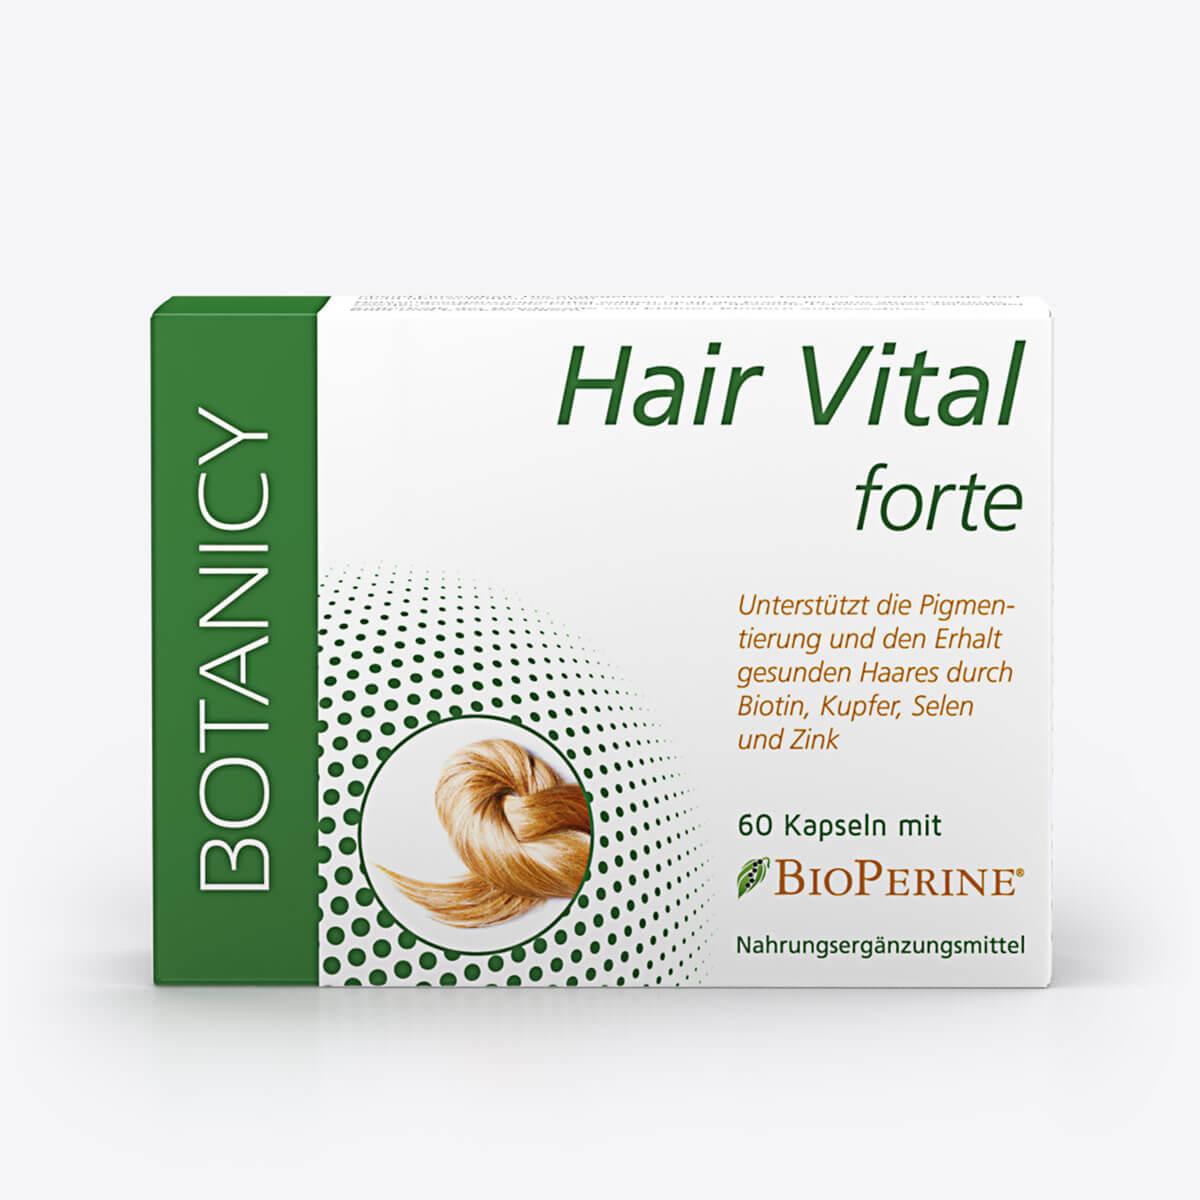 HAIR VITAL forte - Haarvitamine